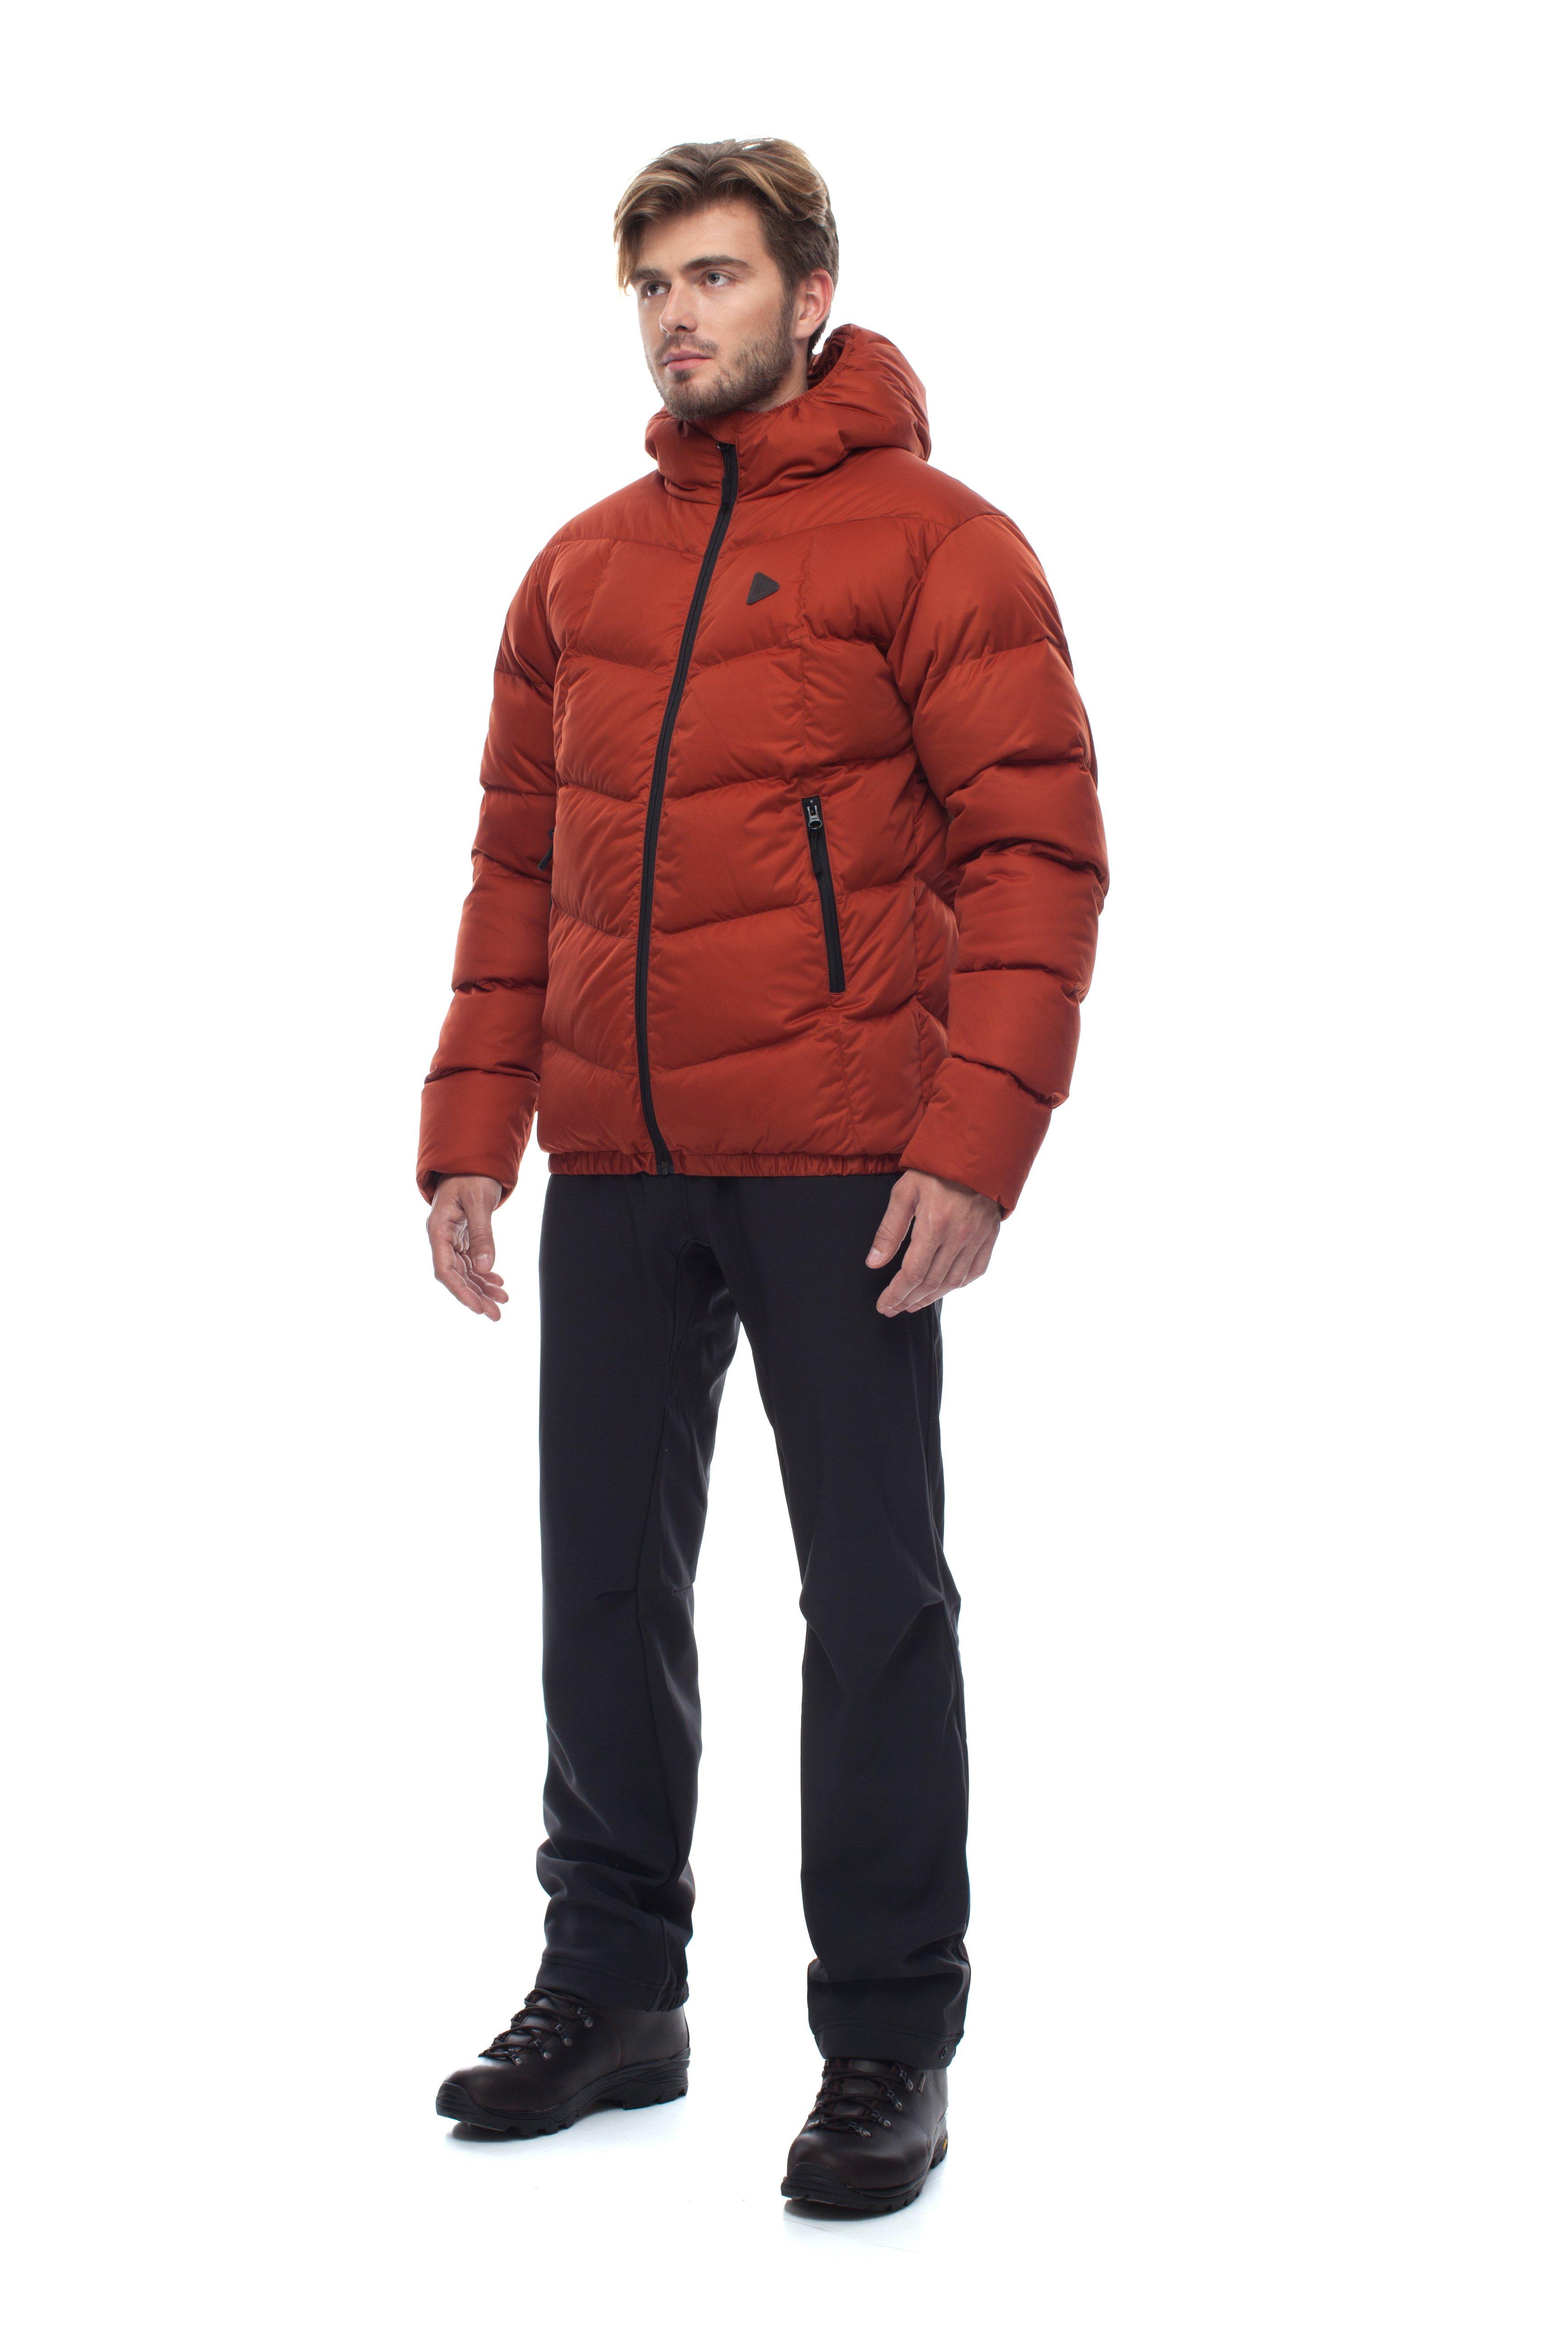 Пуховая куртка BASK BLIZZARD LUXE 5453Легкий и теплый, укороченный пуховик серии BASK CITY. Идеально подходит для городских условий. Мягкая и эластичная мембранная ткань надежно защитит от ветра и осадков.<br><br>&quot;Дышащие&quot; свойства: Да<br>Верхняя ткань: Advance® Lux<br>Вес граммы: 1000<br>Вес утеплителя: 270<br>Ветро-влагозащитные свойства верхней ткани: Да<br>Ветрозащитная планка: Да<br>Ветрозащитная юбка: Нет<br>Влагозащитные молнии: Нет<br>Внутренние манжеты: Да<br>Внутренняя ткань: Advance® Classic<br>Водонепроницаемость: 10000<br>Дублирующий центральную молнию клапан: Нет<br>Защитный козырёк капюшона: Нет<br>Капюшон: несъемный<br>Карман для средств связи: Нет<br>Количество внешних карманов: 2<br>Количество внутренних карманов: 2<br>Коллекция: BASK CITY<br>Мембрана: Advance® 2L<br>Объемный крой локтевой зоны: Нет<br>Отстёгивающиеся рукава: Нет<br>Паропроницаемость: 20000<br>Показатель Fill Power (для пуховых изделий): 700<br>Пол: Муж.<br>Проклейка швов: Нет<br>Регулировка манжетов рукавов: Нет<br>Регулировка низа: Нет<br>Регулировка объёма капюшона: Нет<br>Регулировка талии: Нет<br>Регулируемые вентиляционные отверстия: Нет<br>Световозвращающая лента: Нет<br>Температурный режим: -15<br>Технология Thermal Welding: Нет<br>Технология швов: простые<br>Тип молнии: однозамковая<br>Тип утеплителя: натуральный<br>Ткань усиления: Нет<br>Усиление контактных зон: Нет<br>Утеплитель: Гусиный пух<br>Размер RU: 56<br>Цвет: СЕРЫЙ